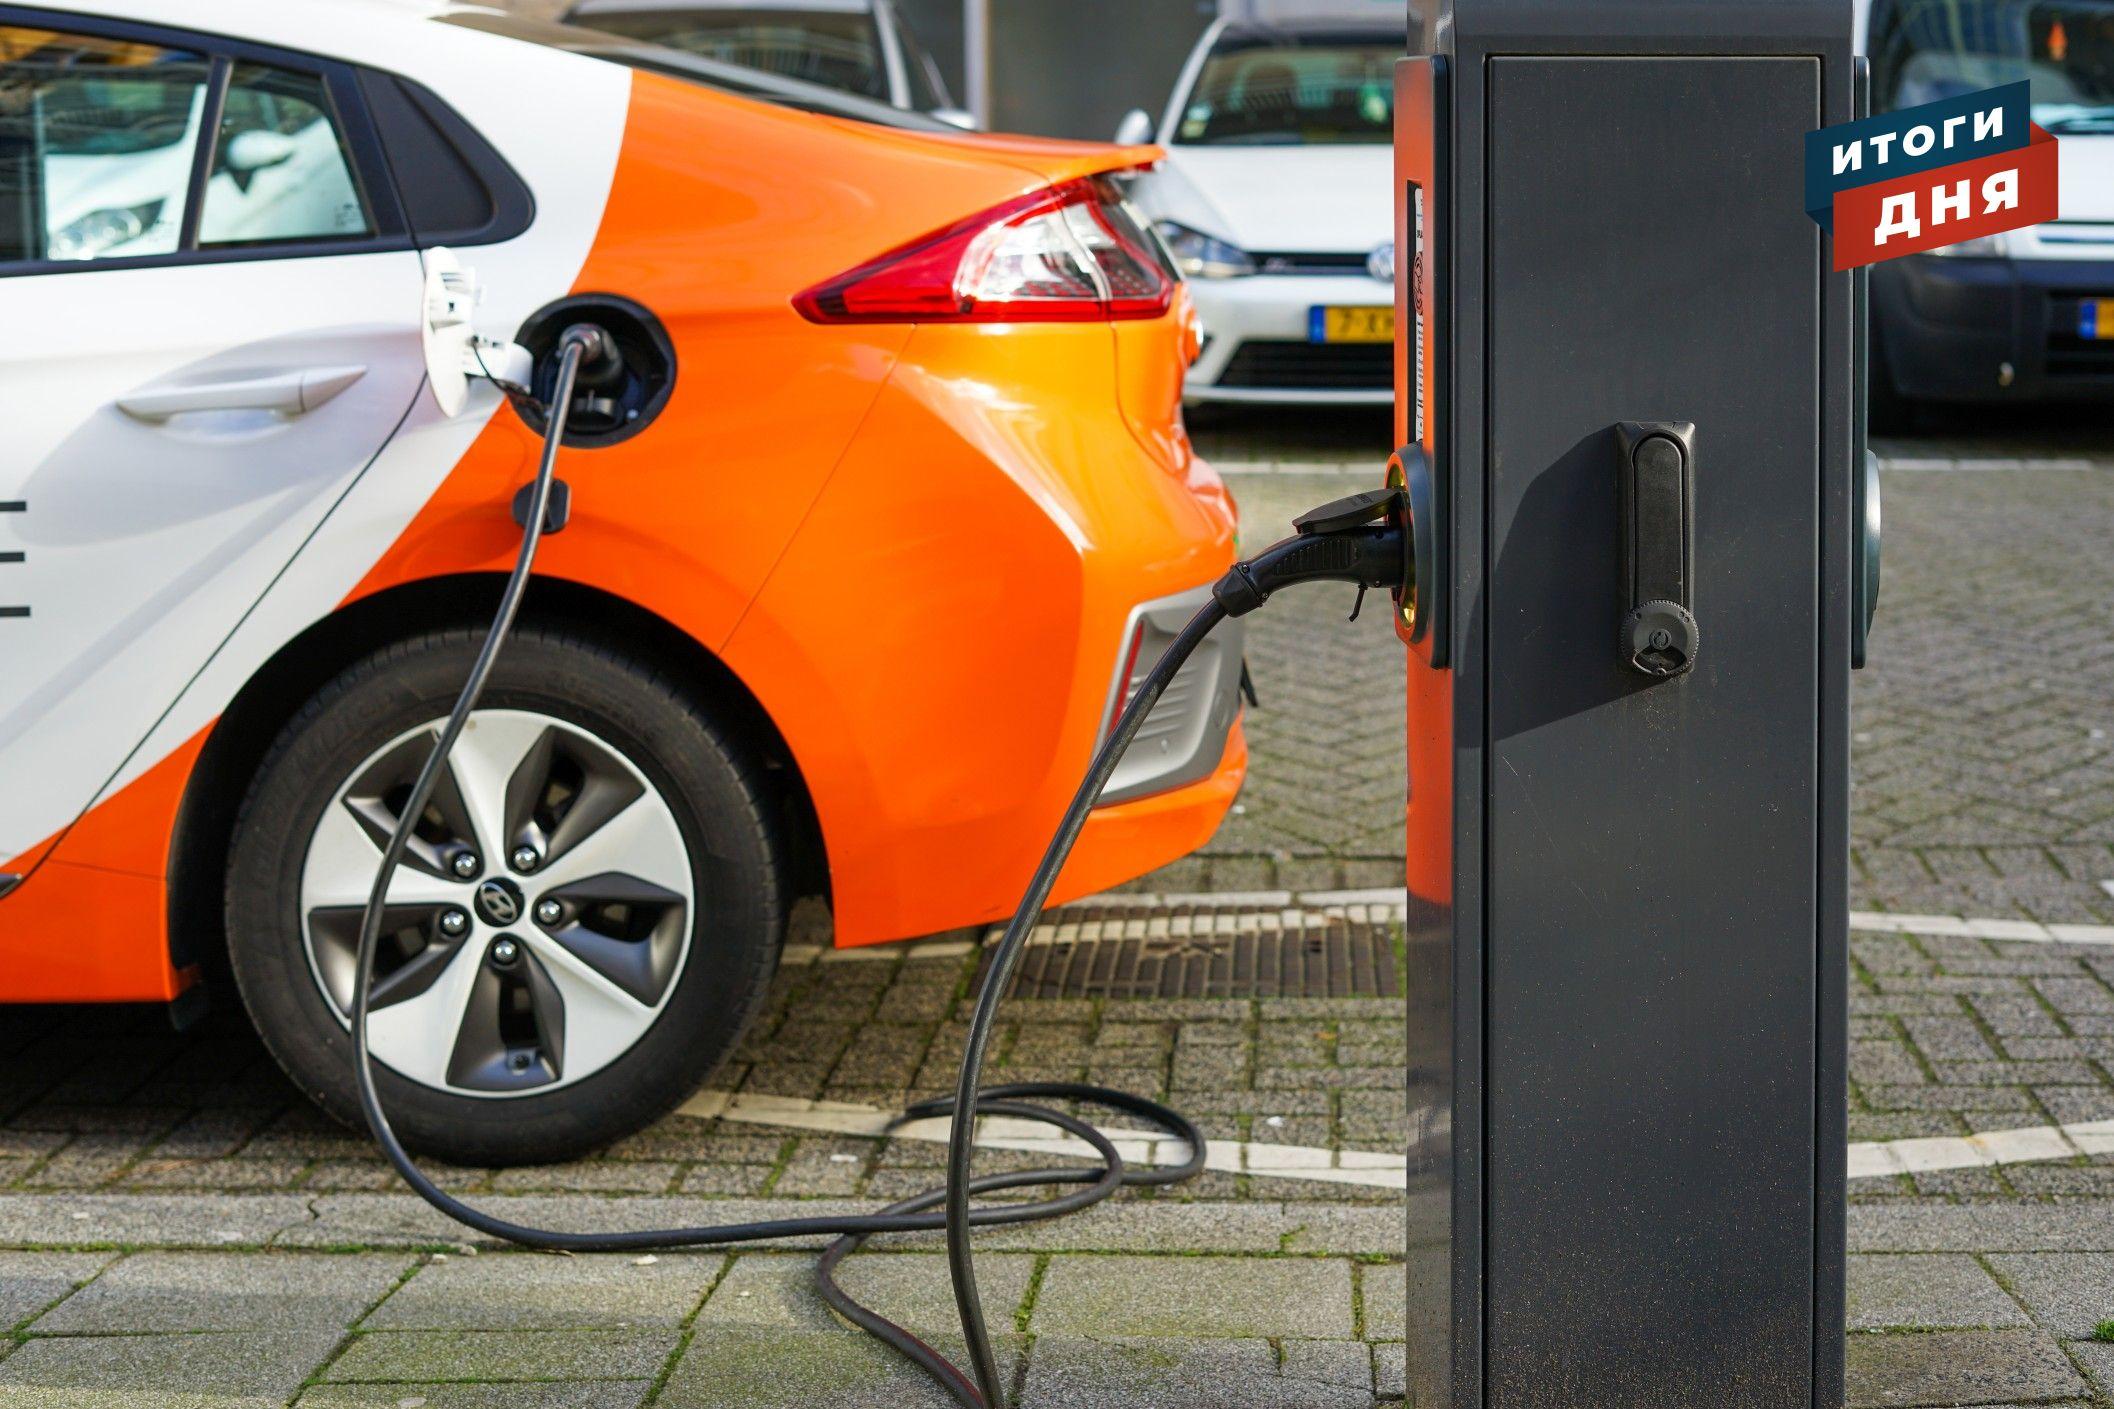 Итоги дня: «нулевой» налог на электромобили в Удмуртии, пост полиции в Сети парке Ижевска и замужество Ульяны Кайшевой